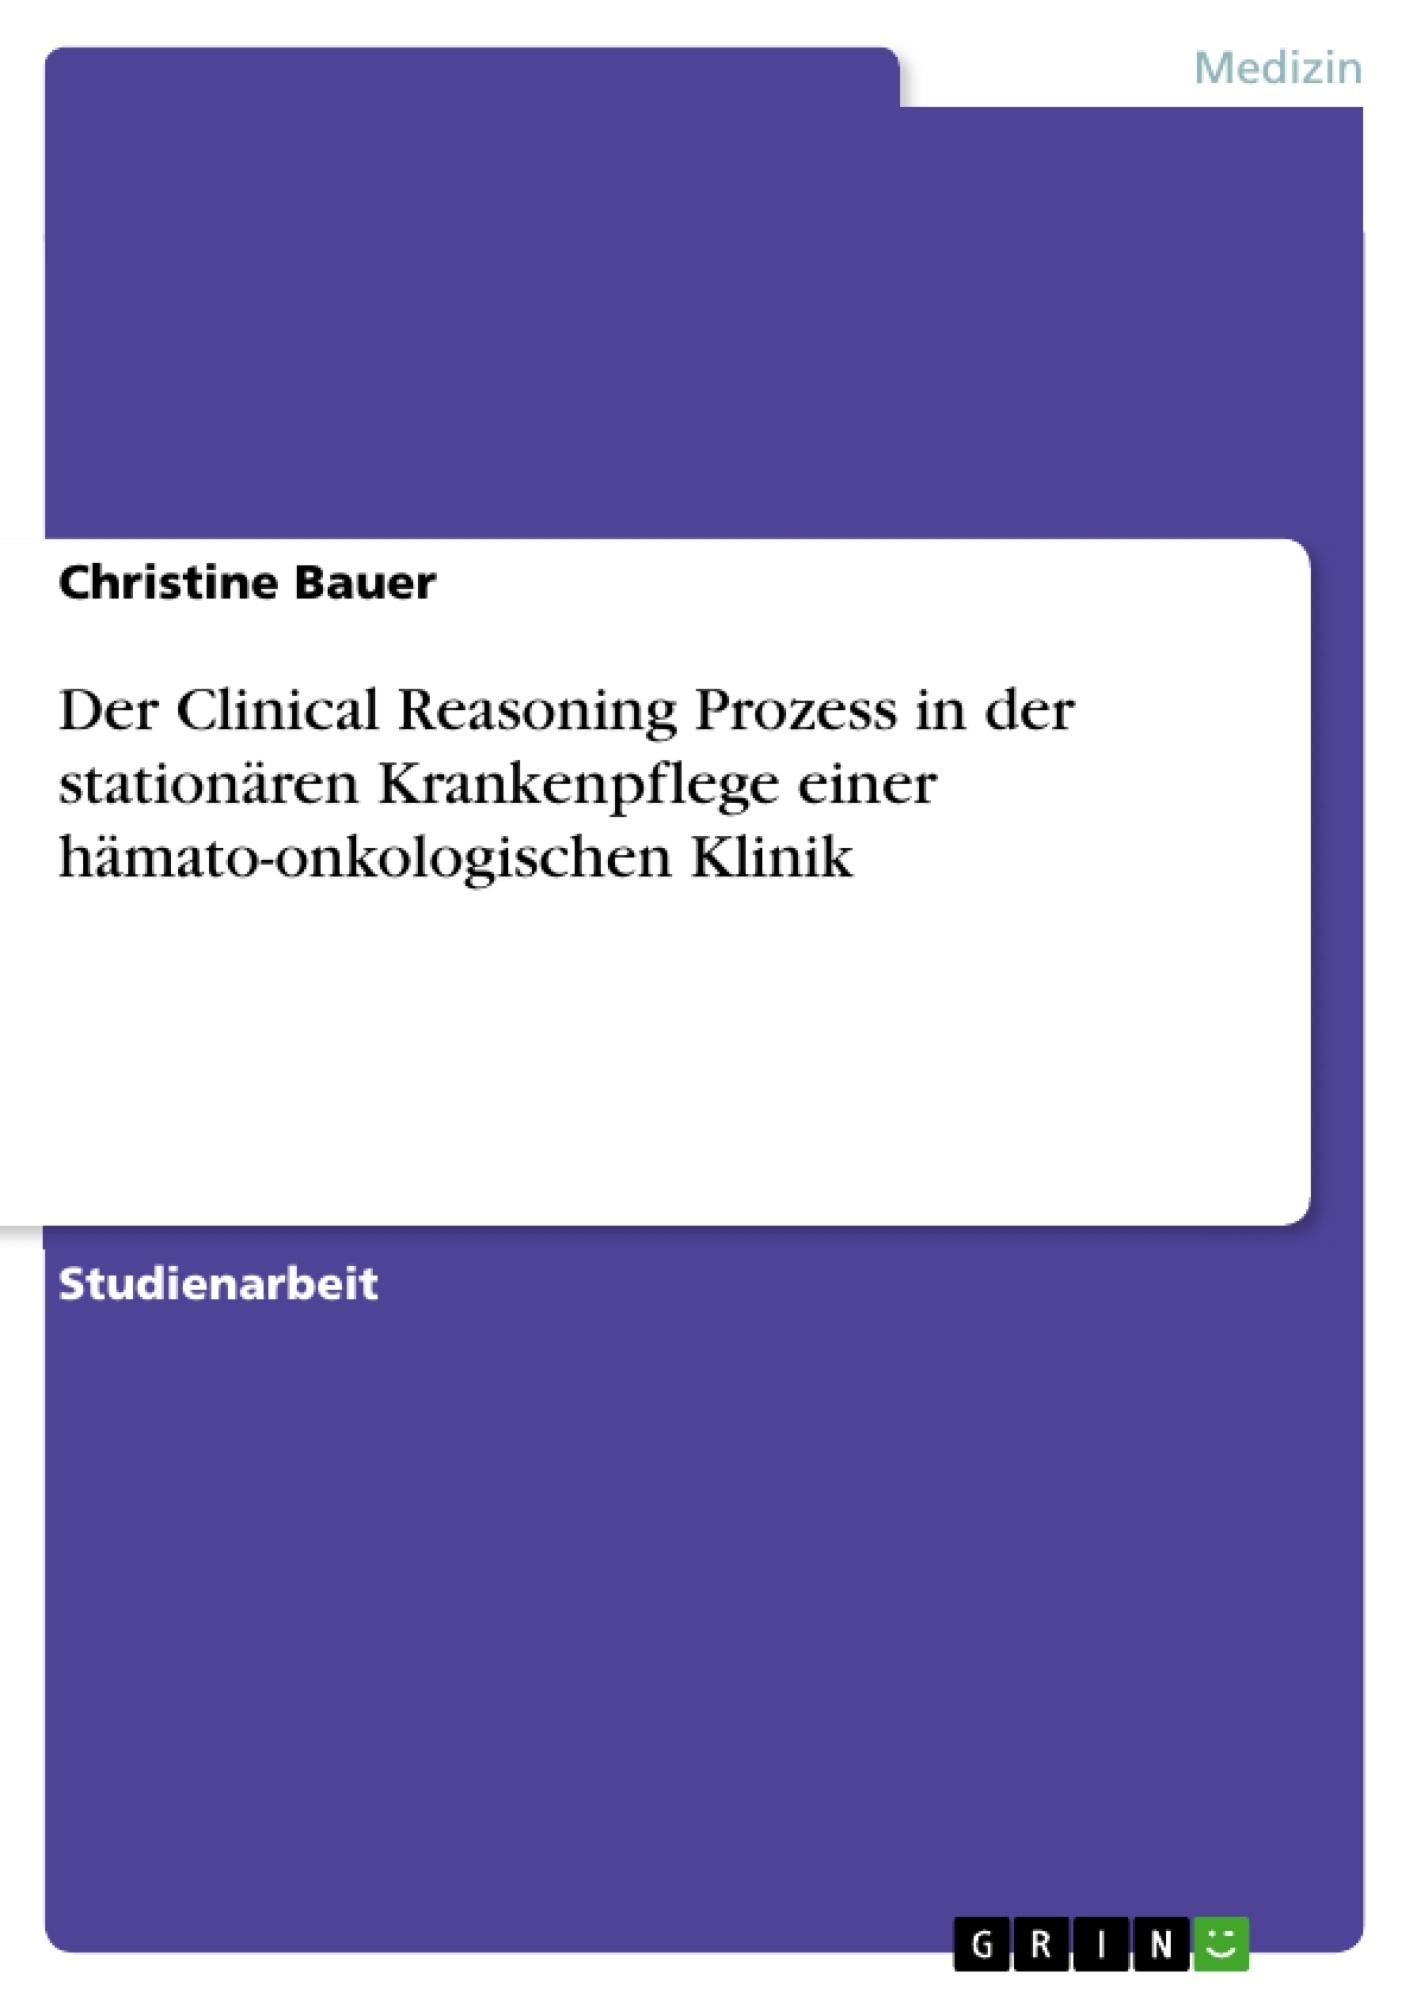 Titel: Der Clinical Reasoning Prozess in der stationären Krankenpflege einer hämato-onkologischen Klinik